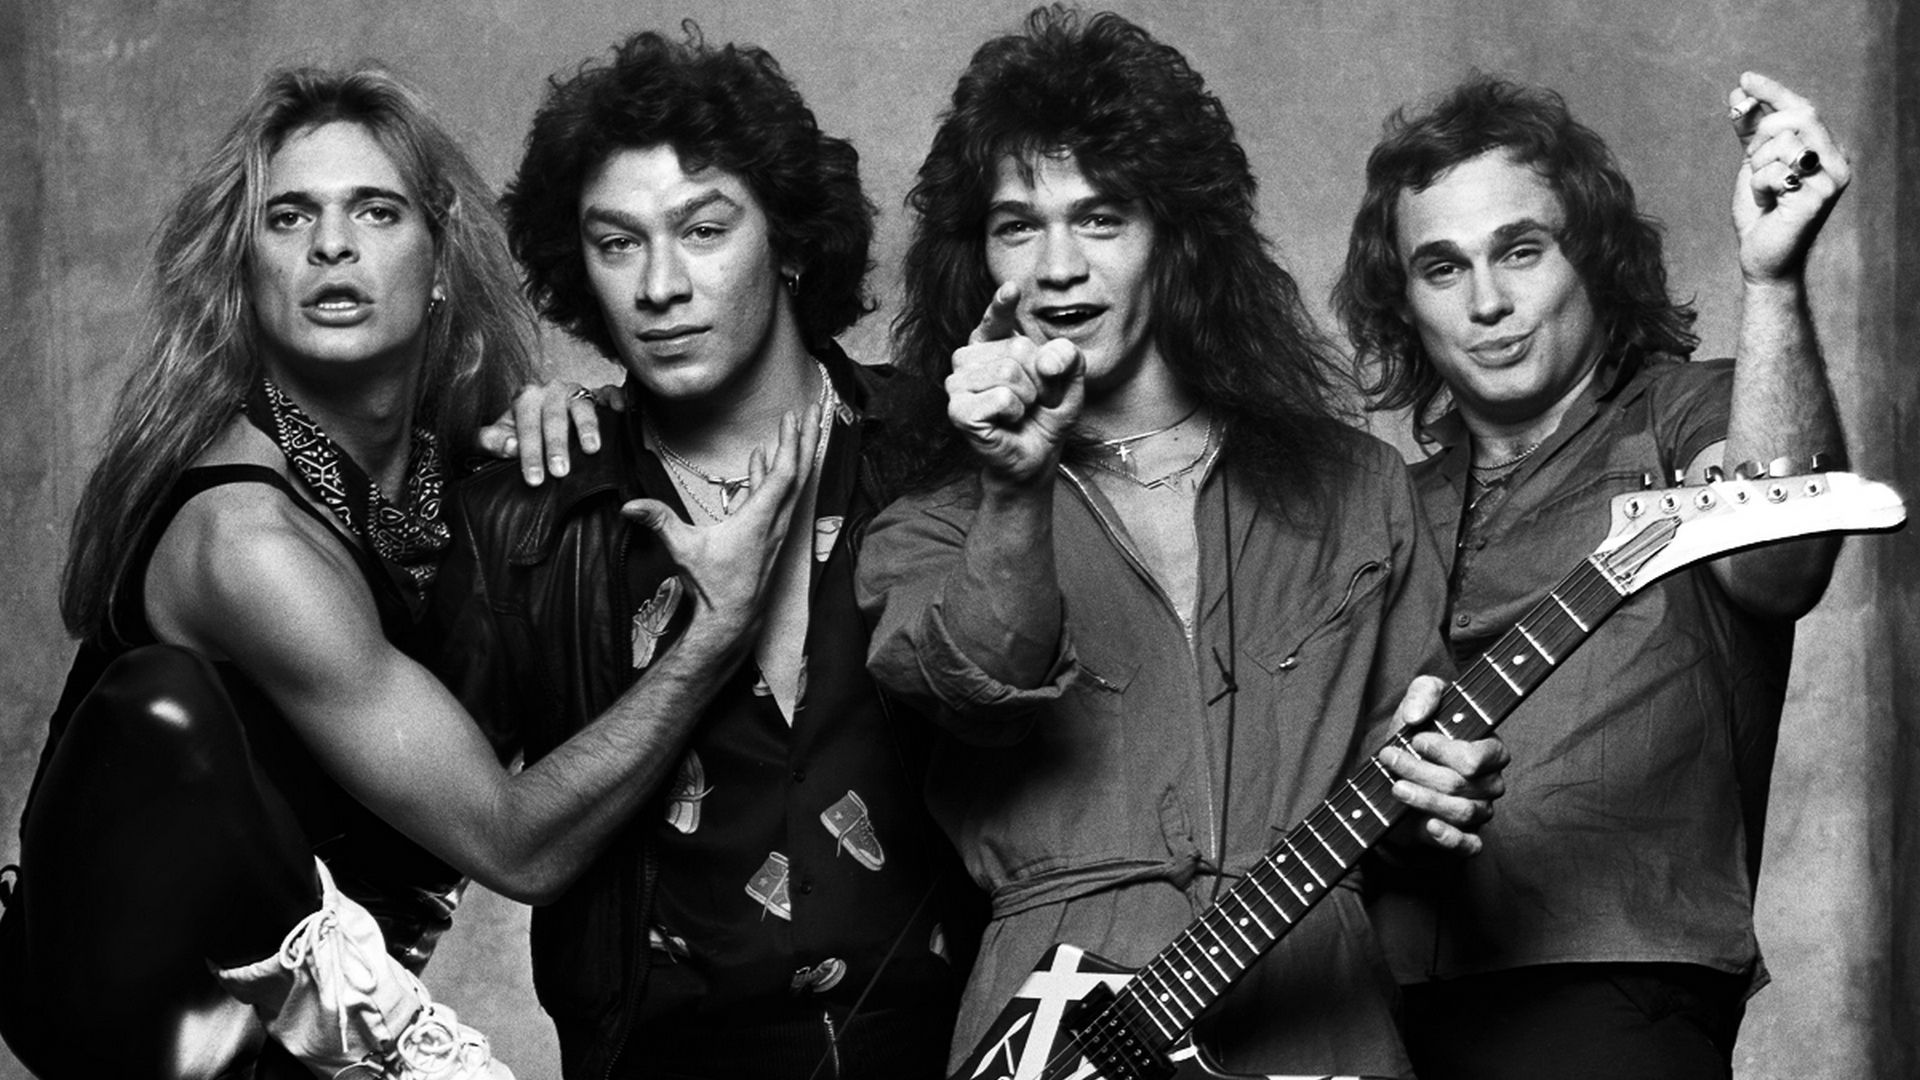 Van Halen Originarios De Los Angeles California Desde El Ano 1972 Van Halen Le Daria Un Nuevo Significado Al Rock And Roll En Especial Van Halen Fundadores